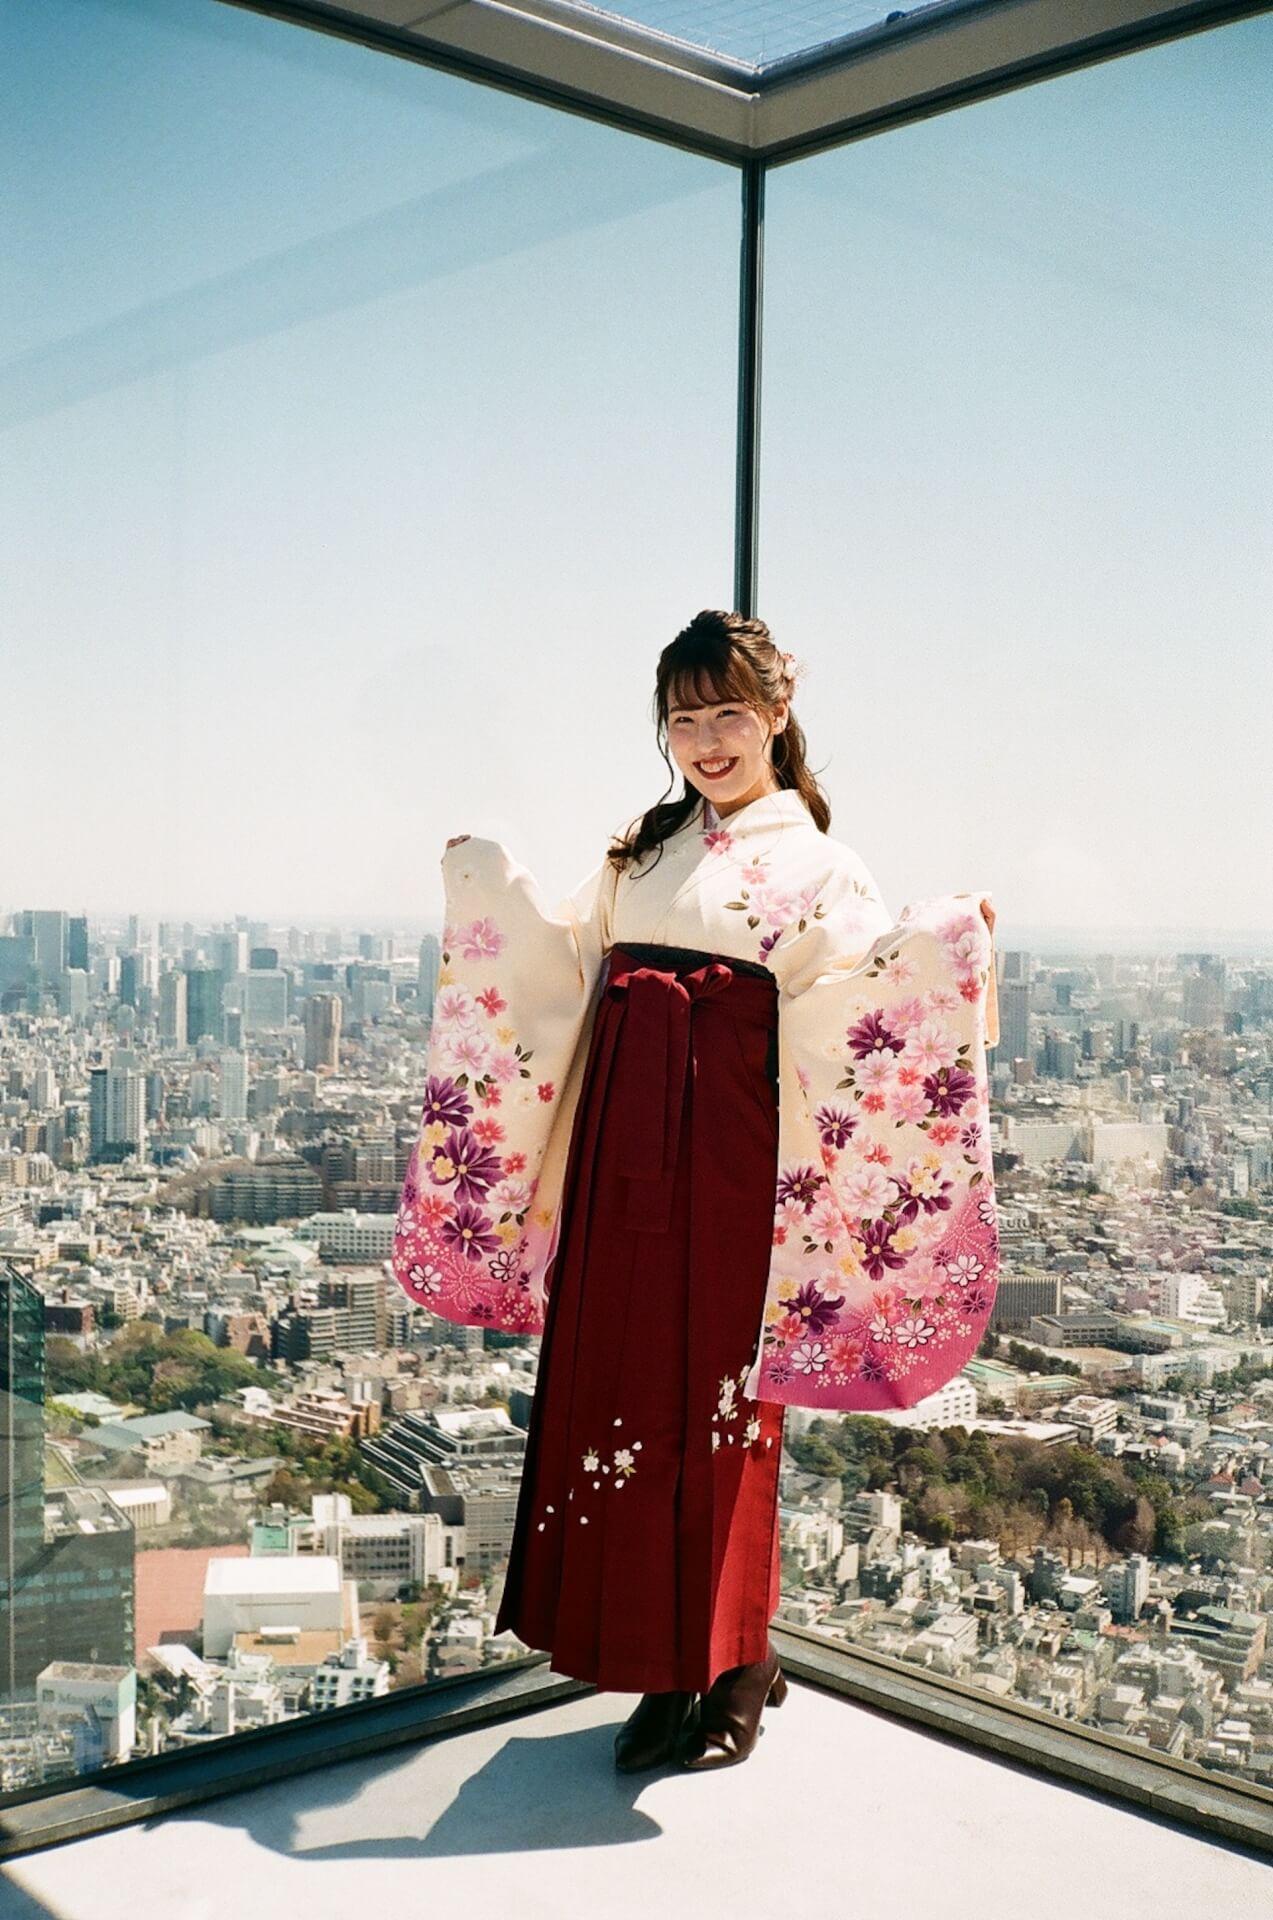 はなむけしゃしん - ぶるじょあ会「渋谷は日本のTOKYO」 art200415_hanamukeshashin5_3